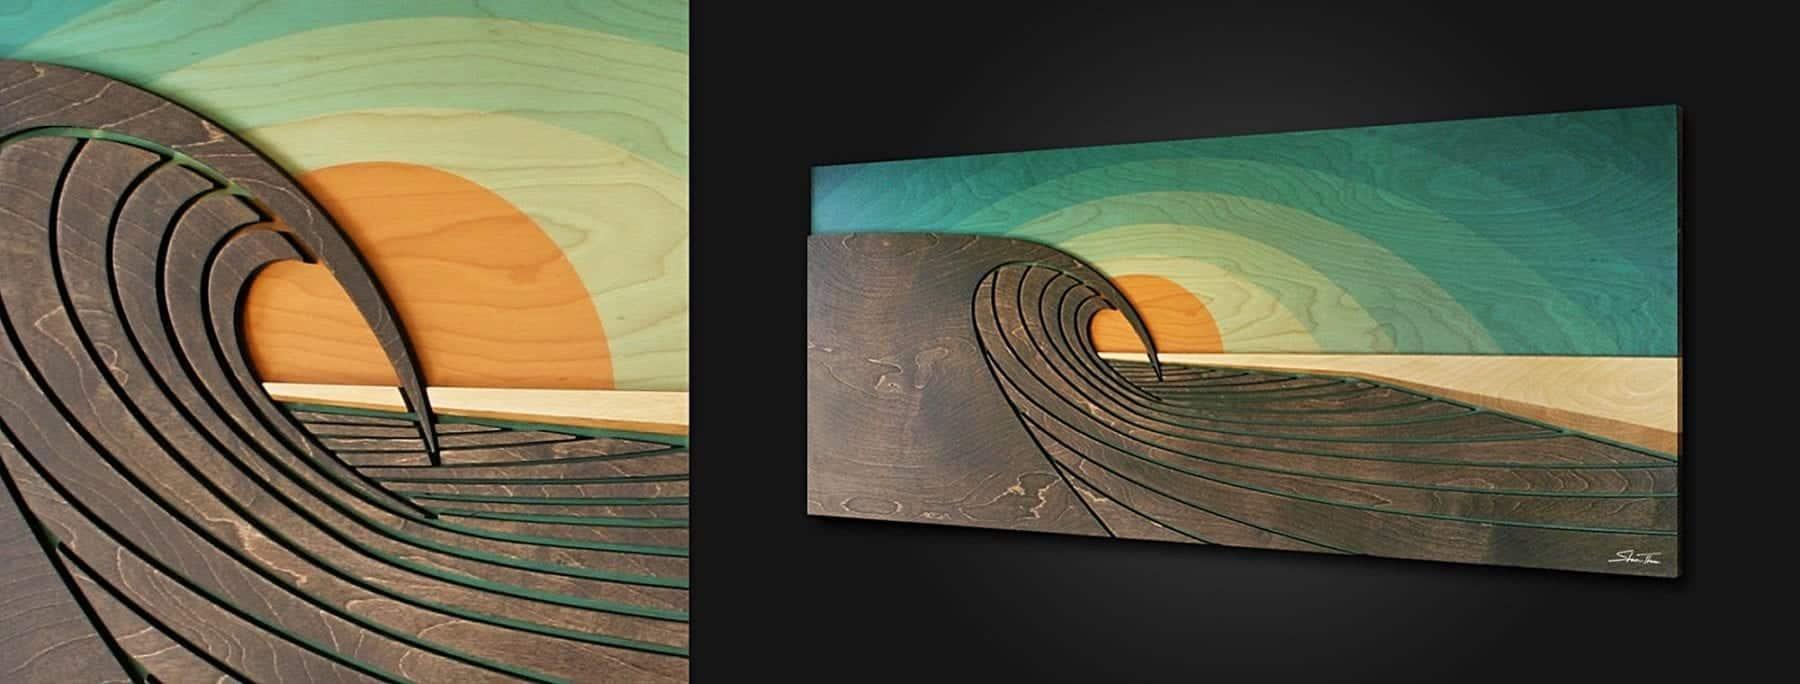 Sunset Peak - Thomas Studios - wave gallery - ocean gallery